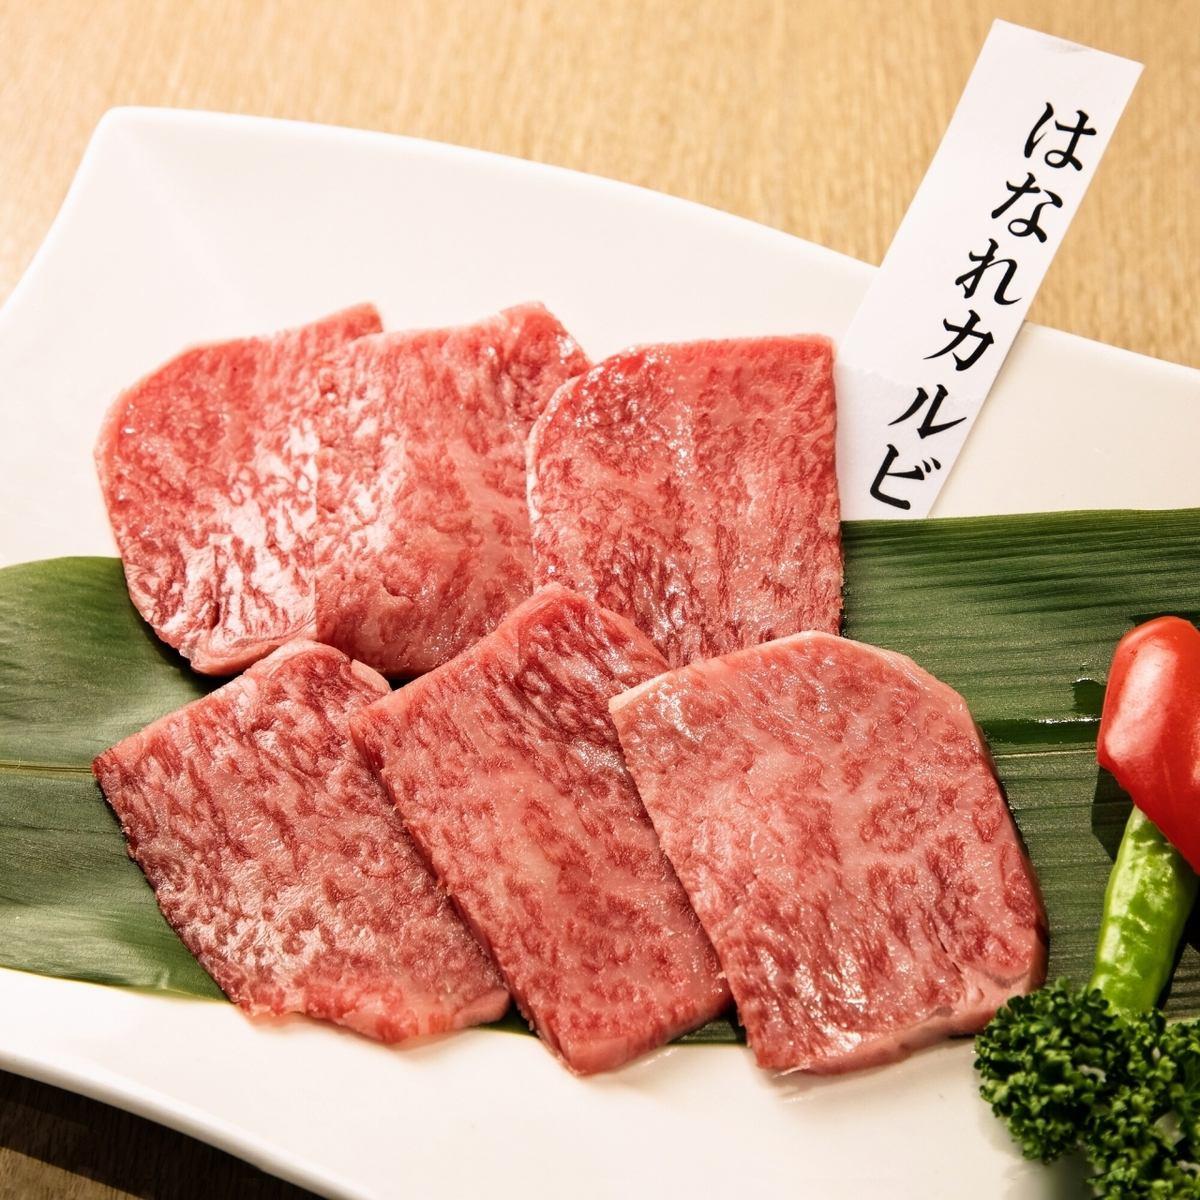 좋은 고기를 코스 파 잘 먹을 수있는 ♪ 먹고 마시고 마음껏 여성 3000 엔 남성 5000 엔! 생맥주도!